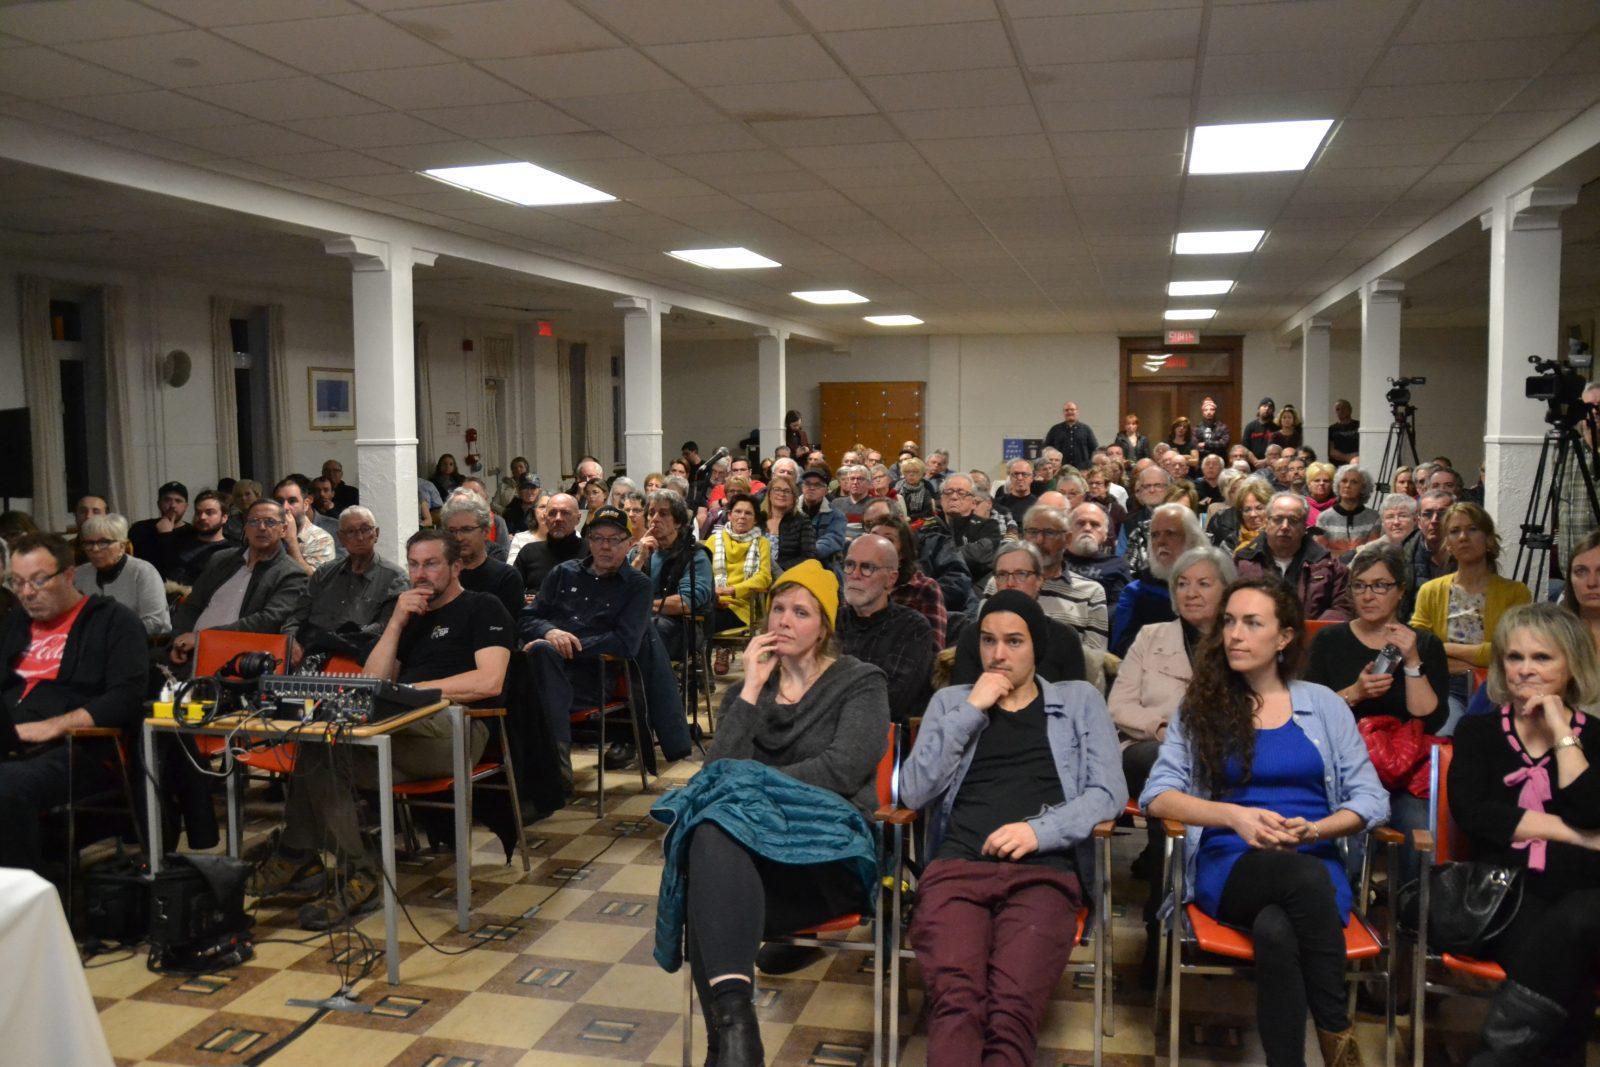 Les finances de Maison Mère Baie-Saint-Paul demeurent au coeur des préoccupations des citoyens